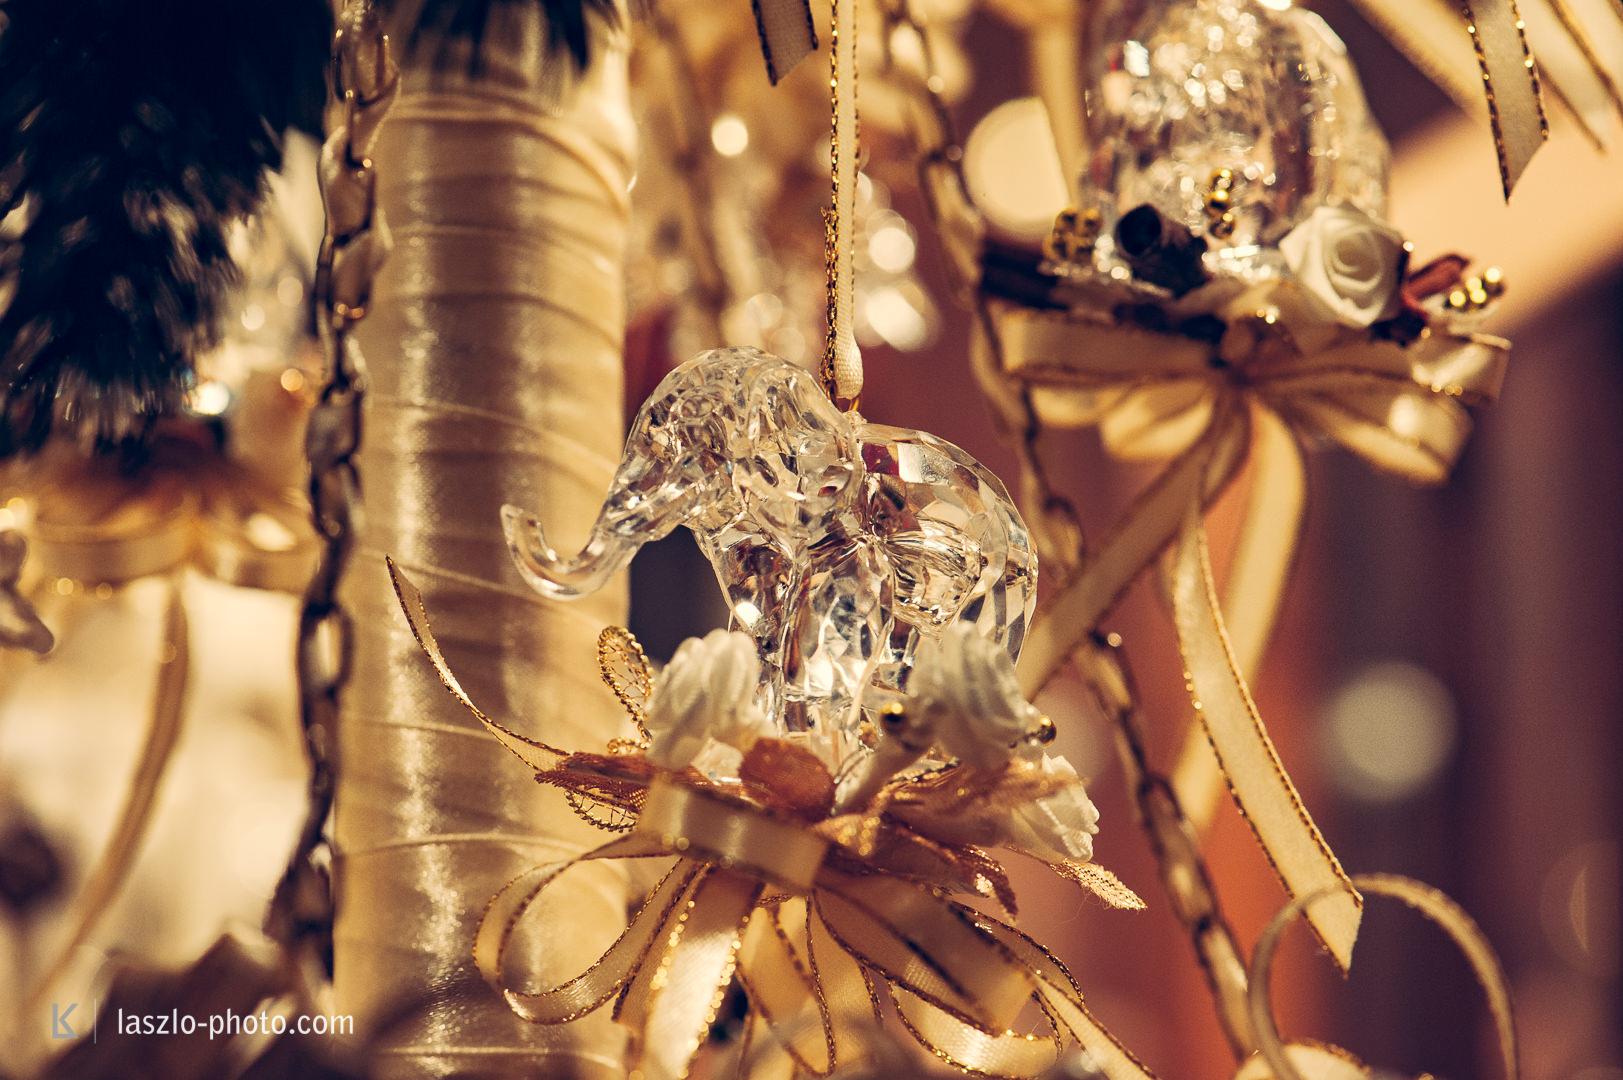 20161209_Weihnachten_Christkindlmarkt-4794